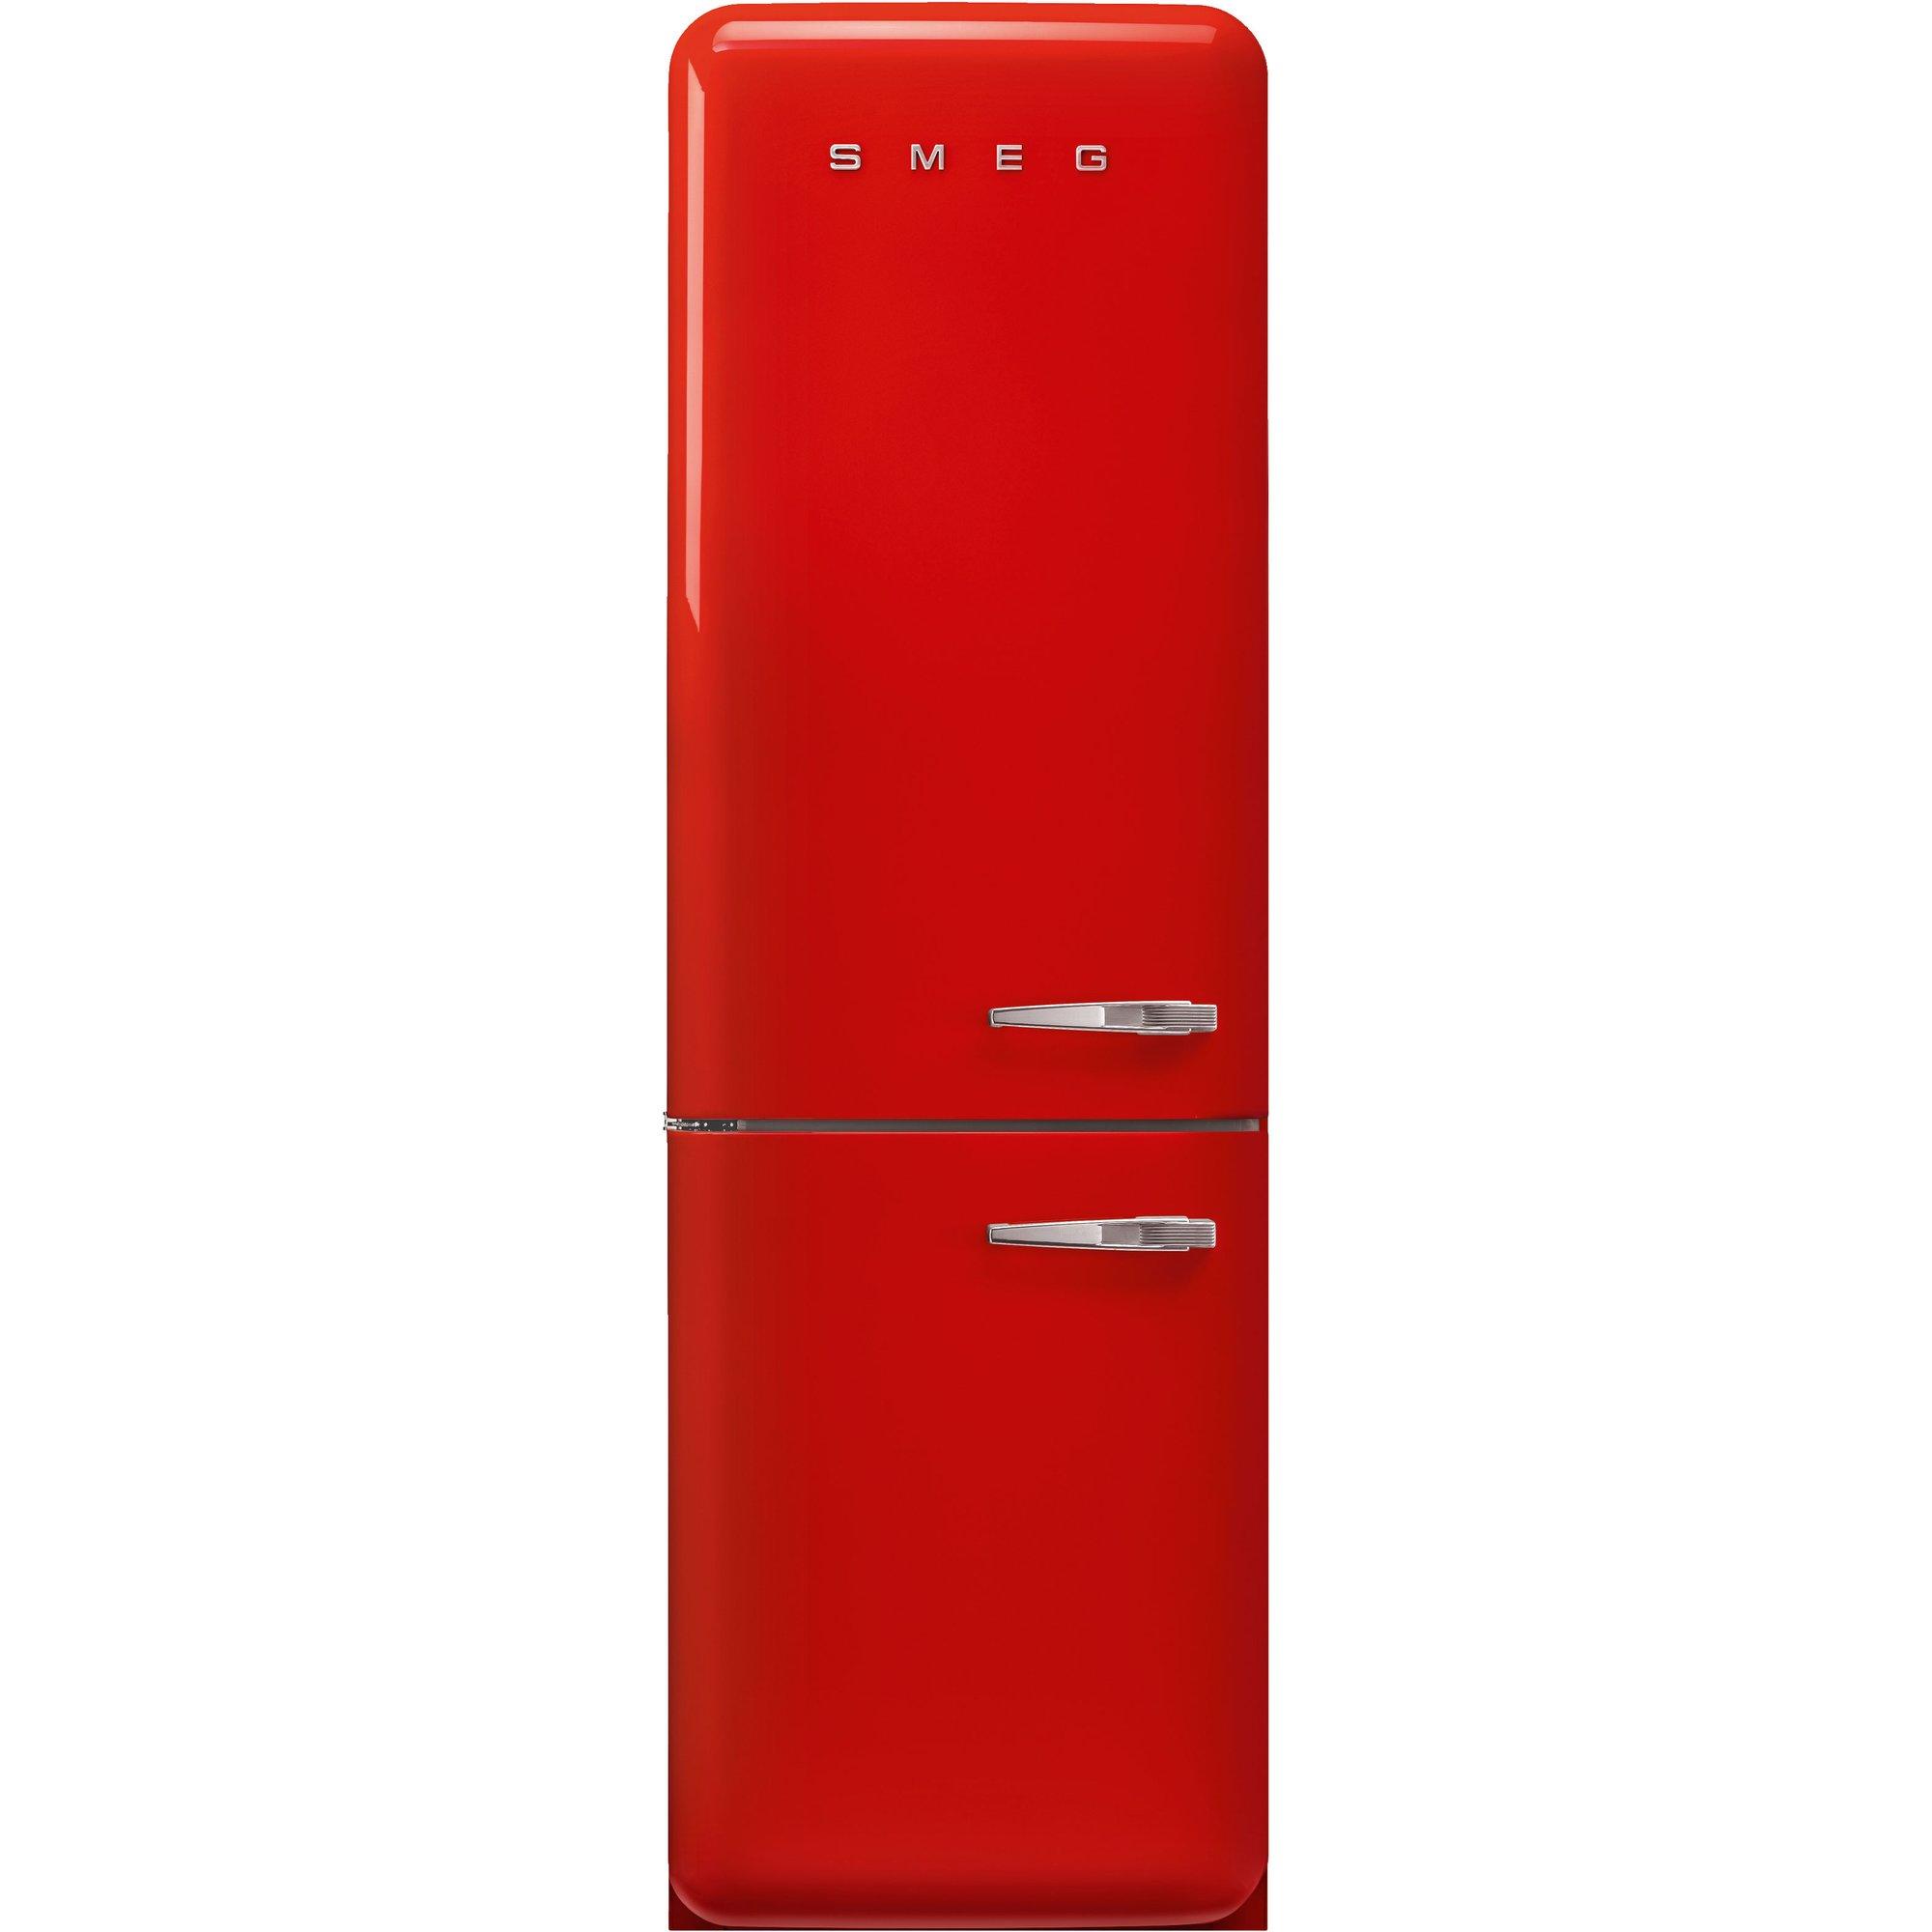 Smeg FAB32LRD5 Køle-/fryseskab rød